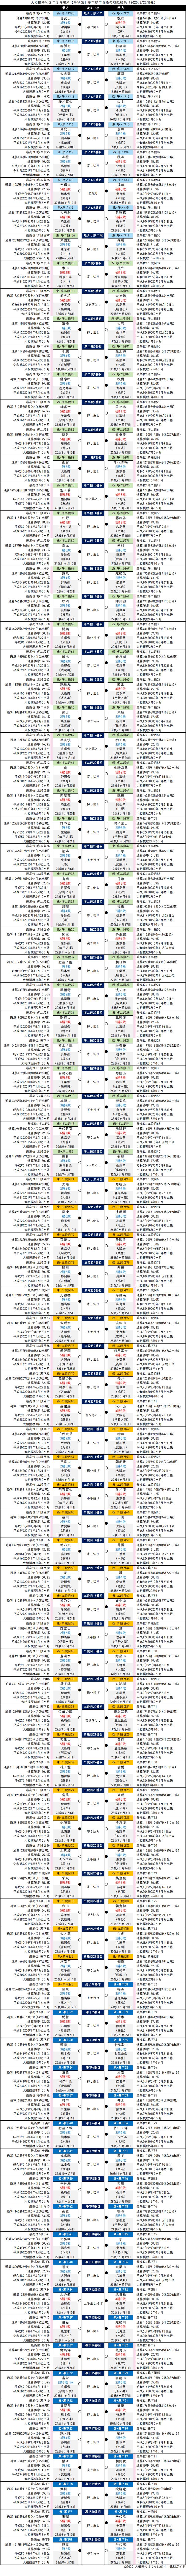 大相撲・2020年3月場所千秋楽・幕下以下の取組結果